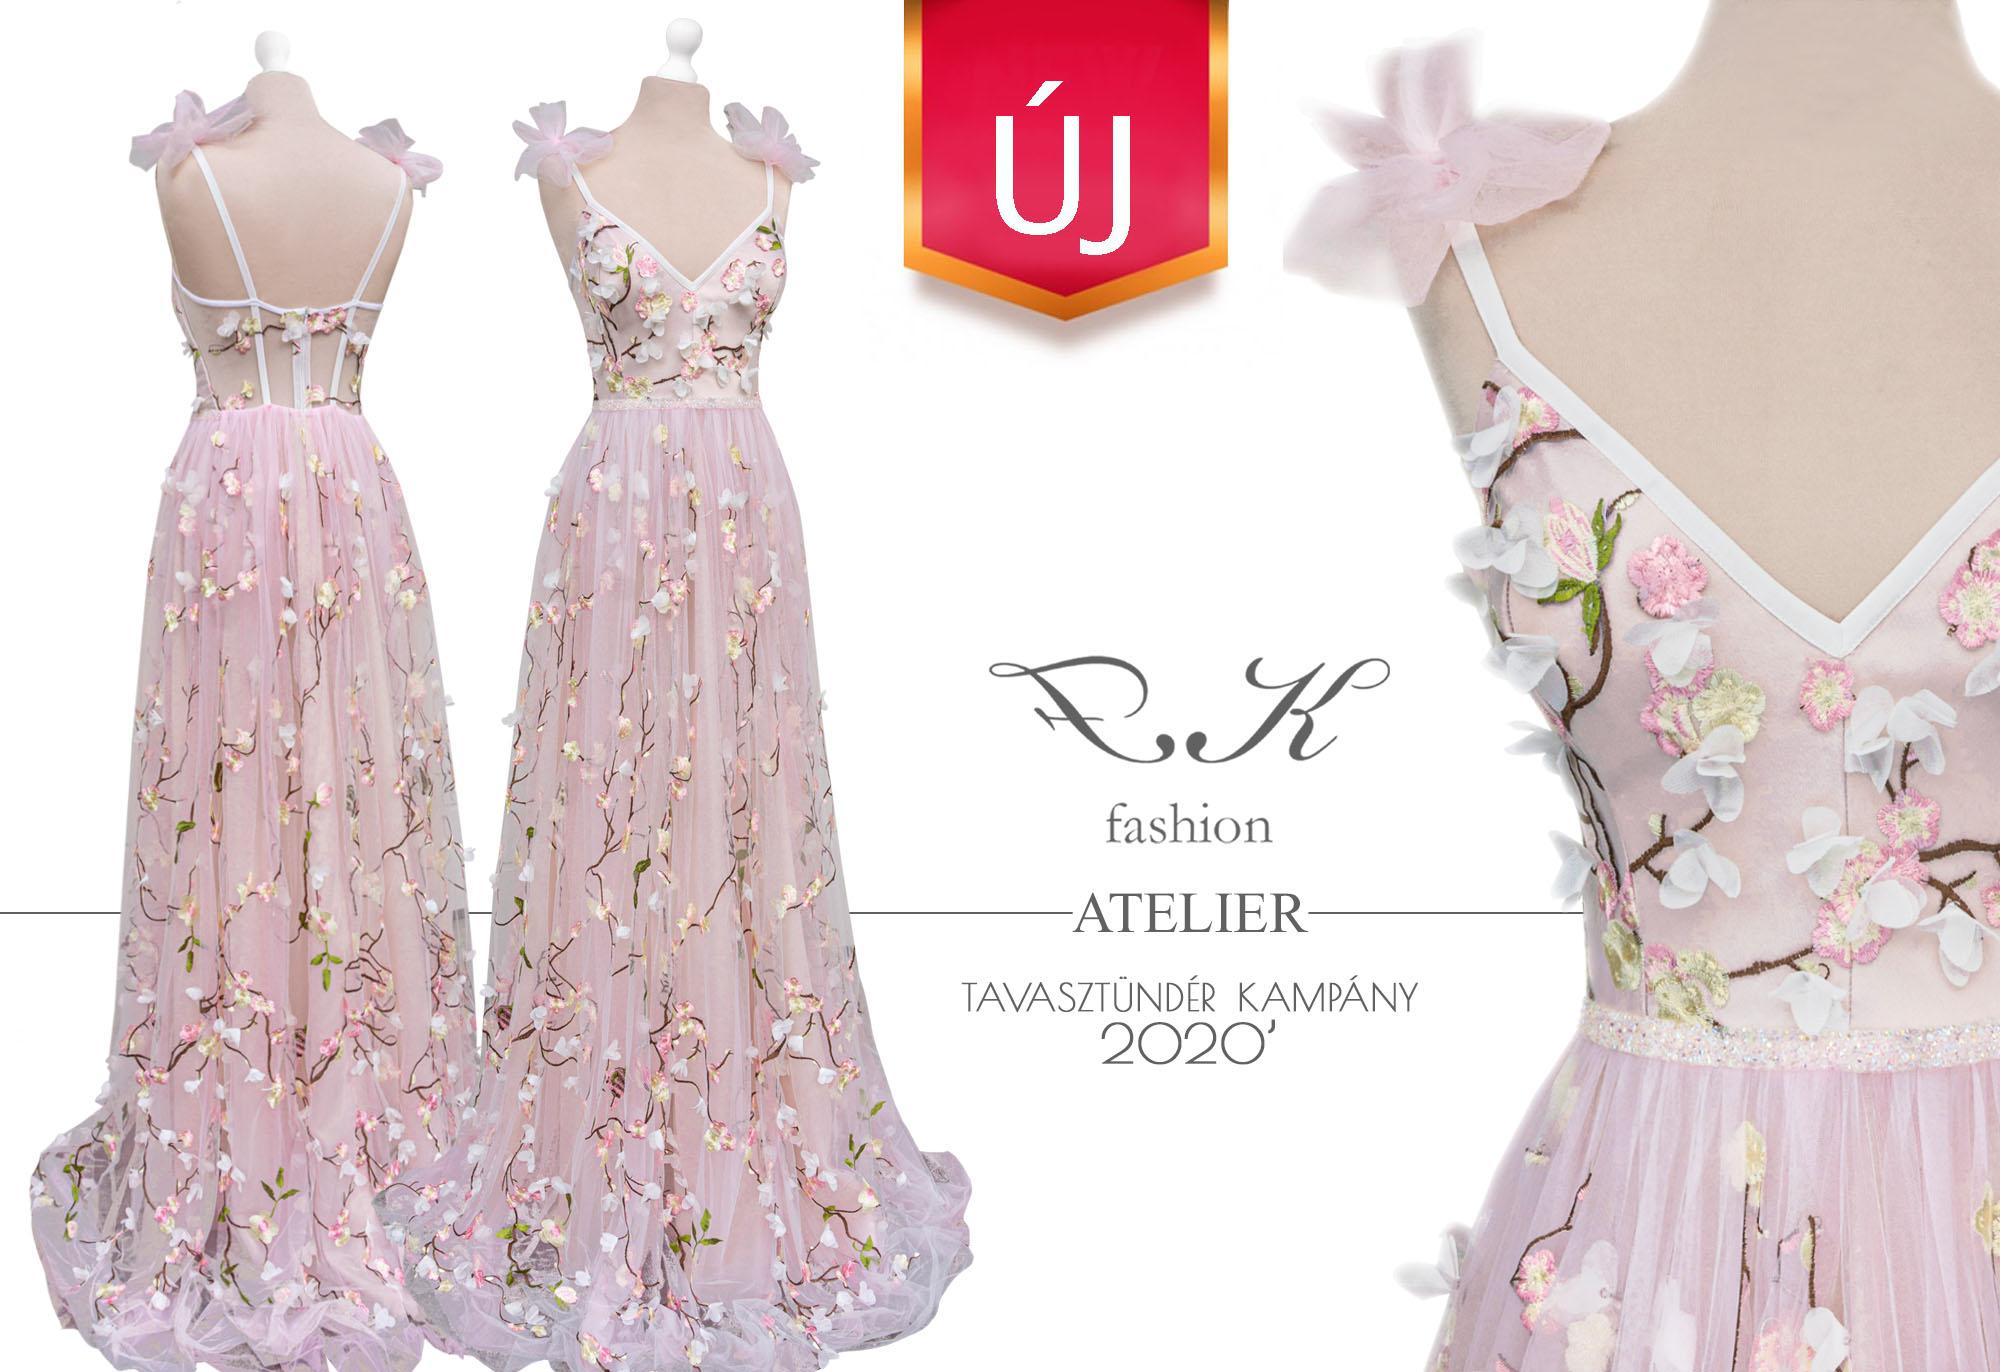 Textil: hímzett 3D puhatüll Méret: 36' Ár: 225.000.- helyett 185.000.- HUF  Extra:  Uszály hagyható rajta